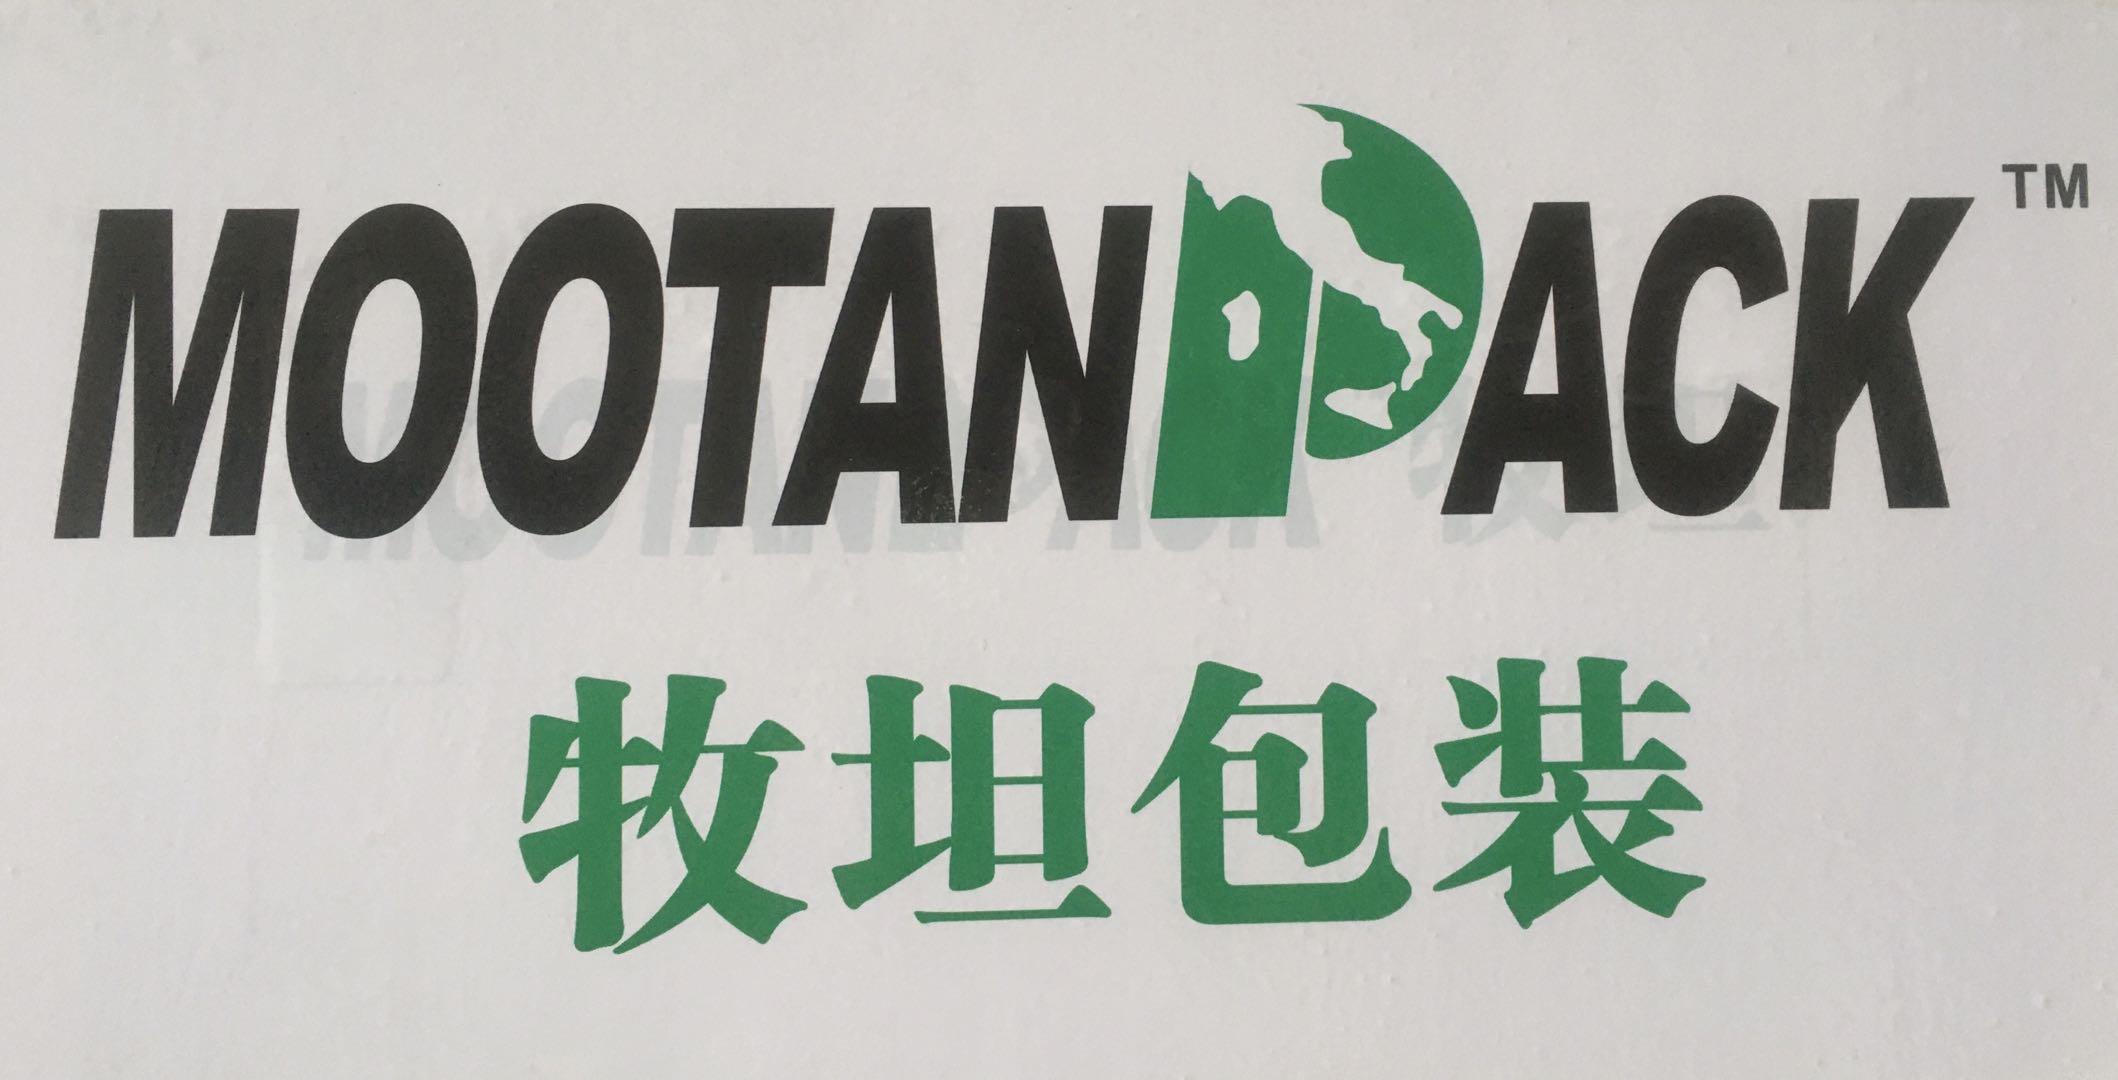 牧坦包装(上海)有限公司